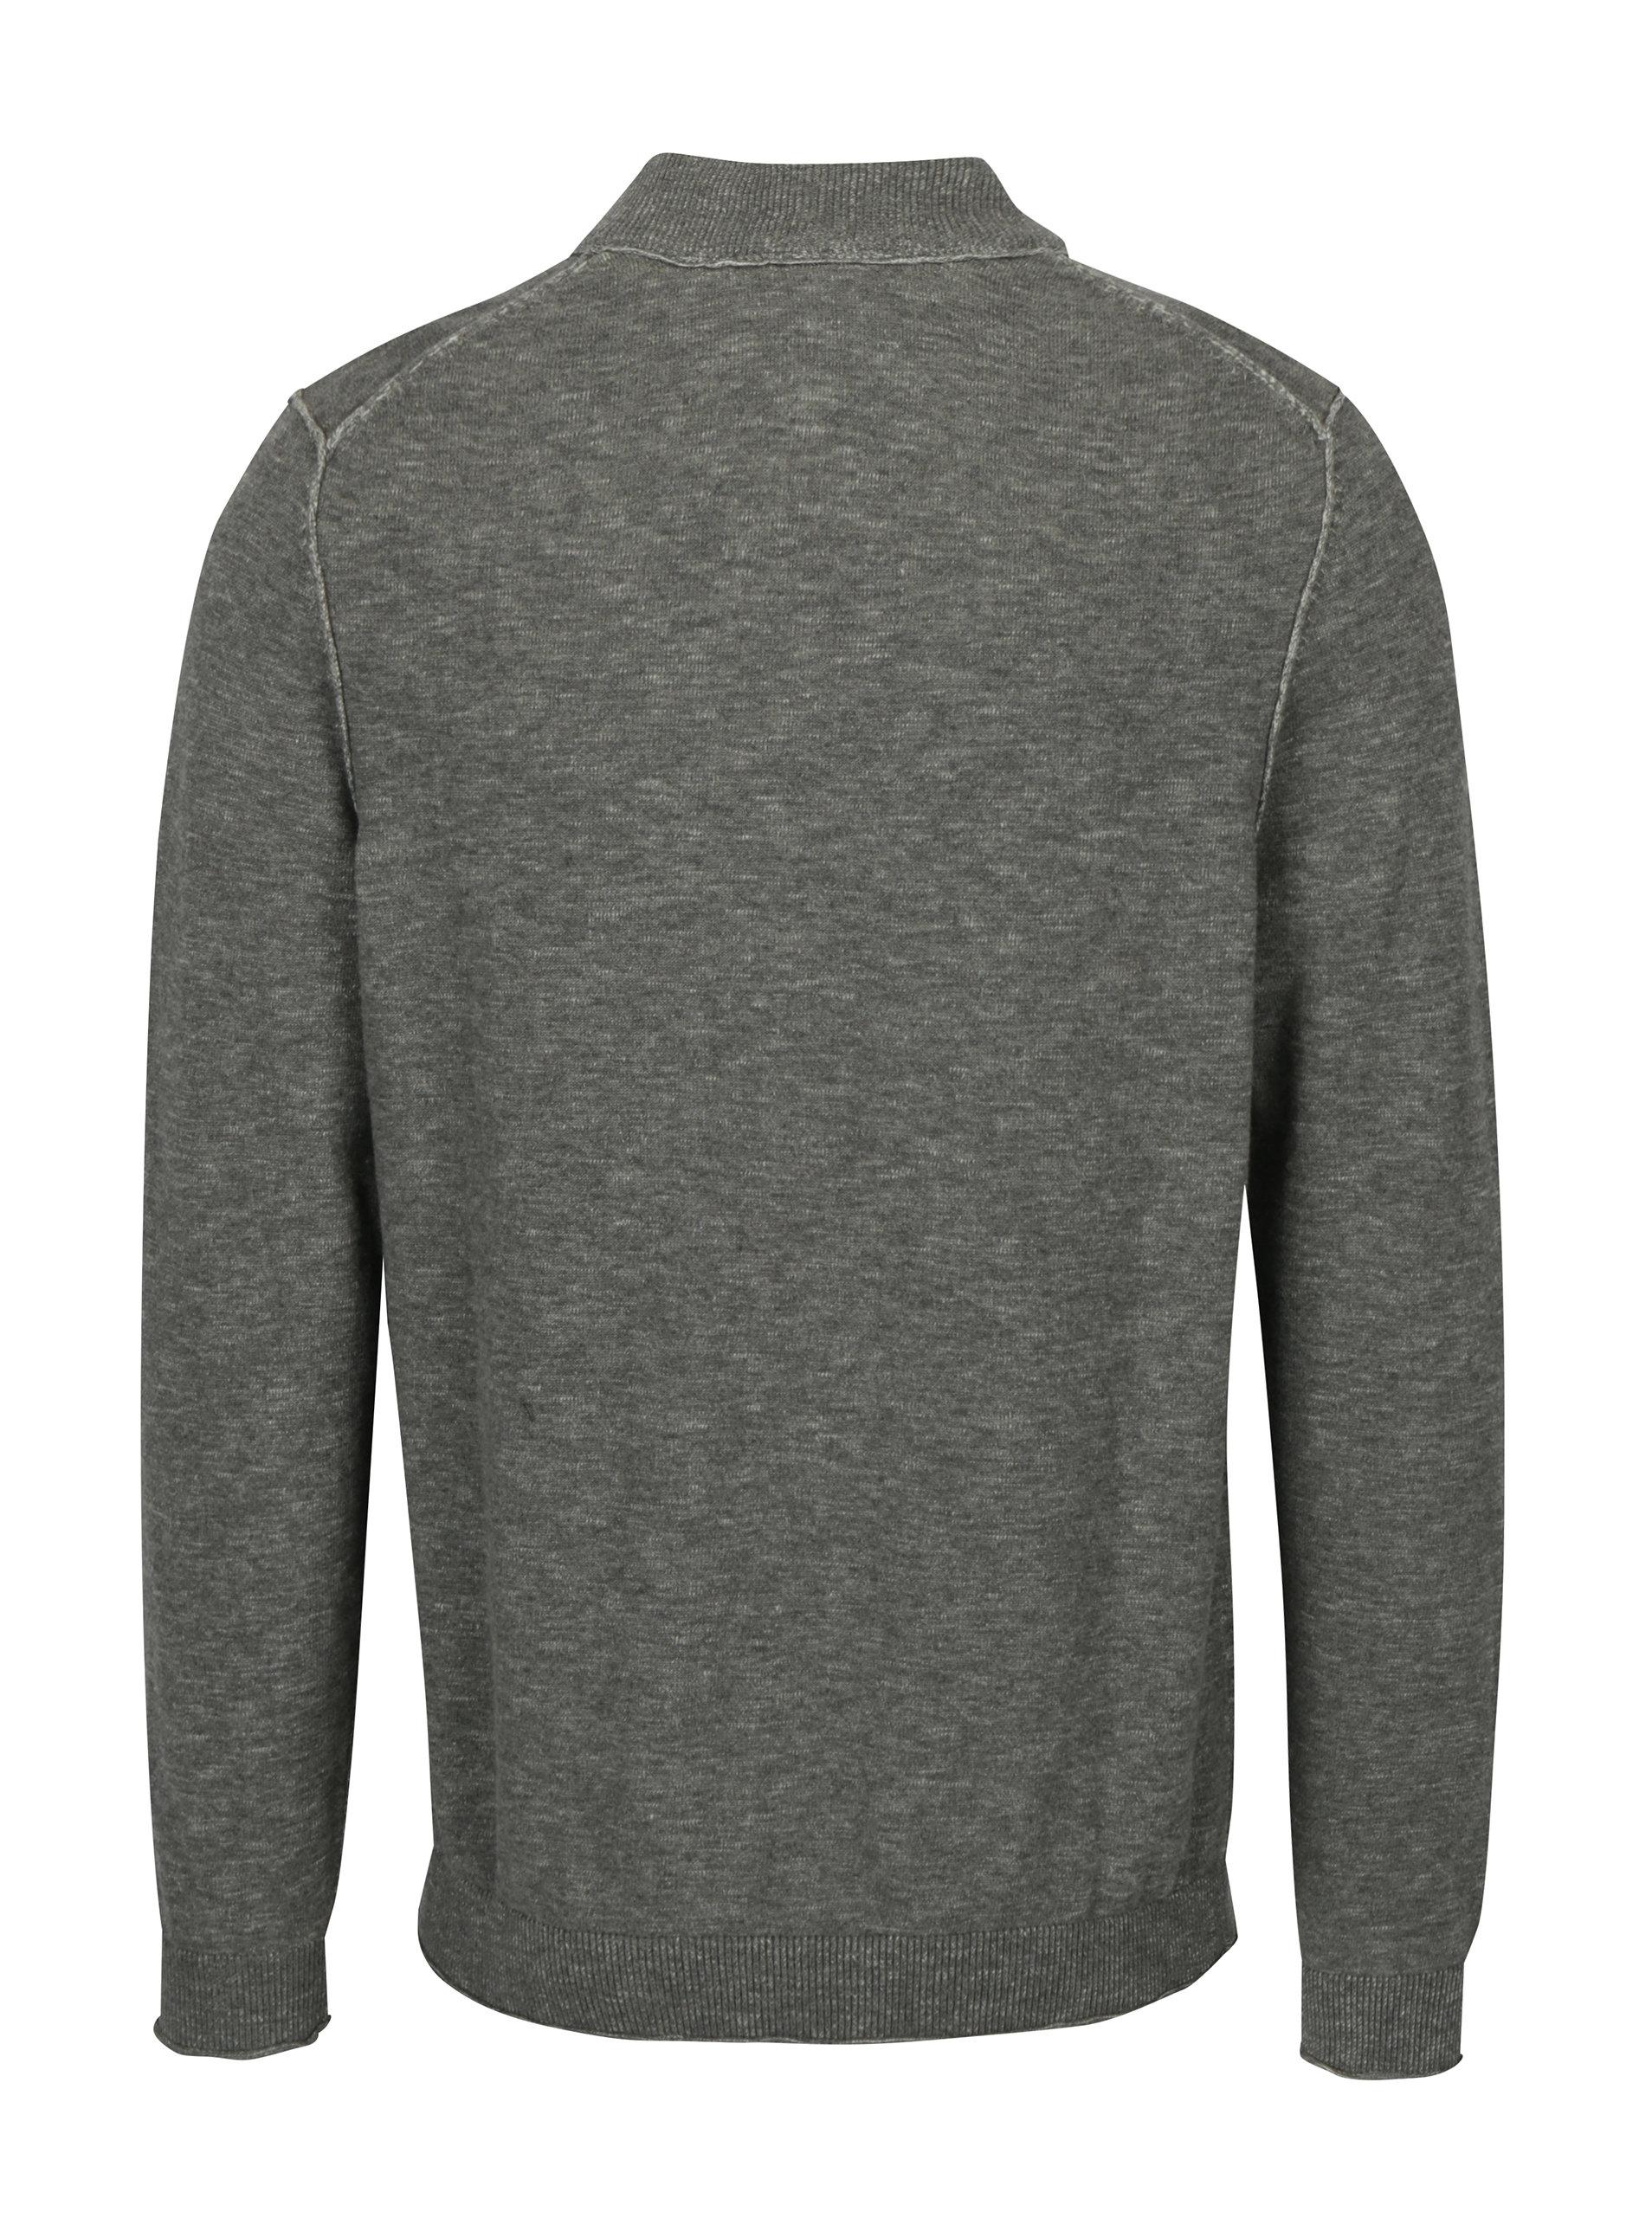 c8267fe9cee8 Svetlosivý pánsky melírovaný sveter so zipsom s.Oliver